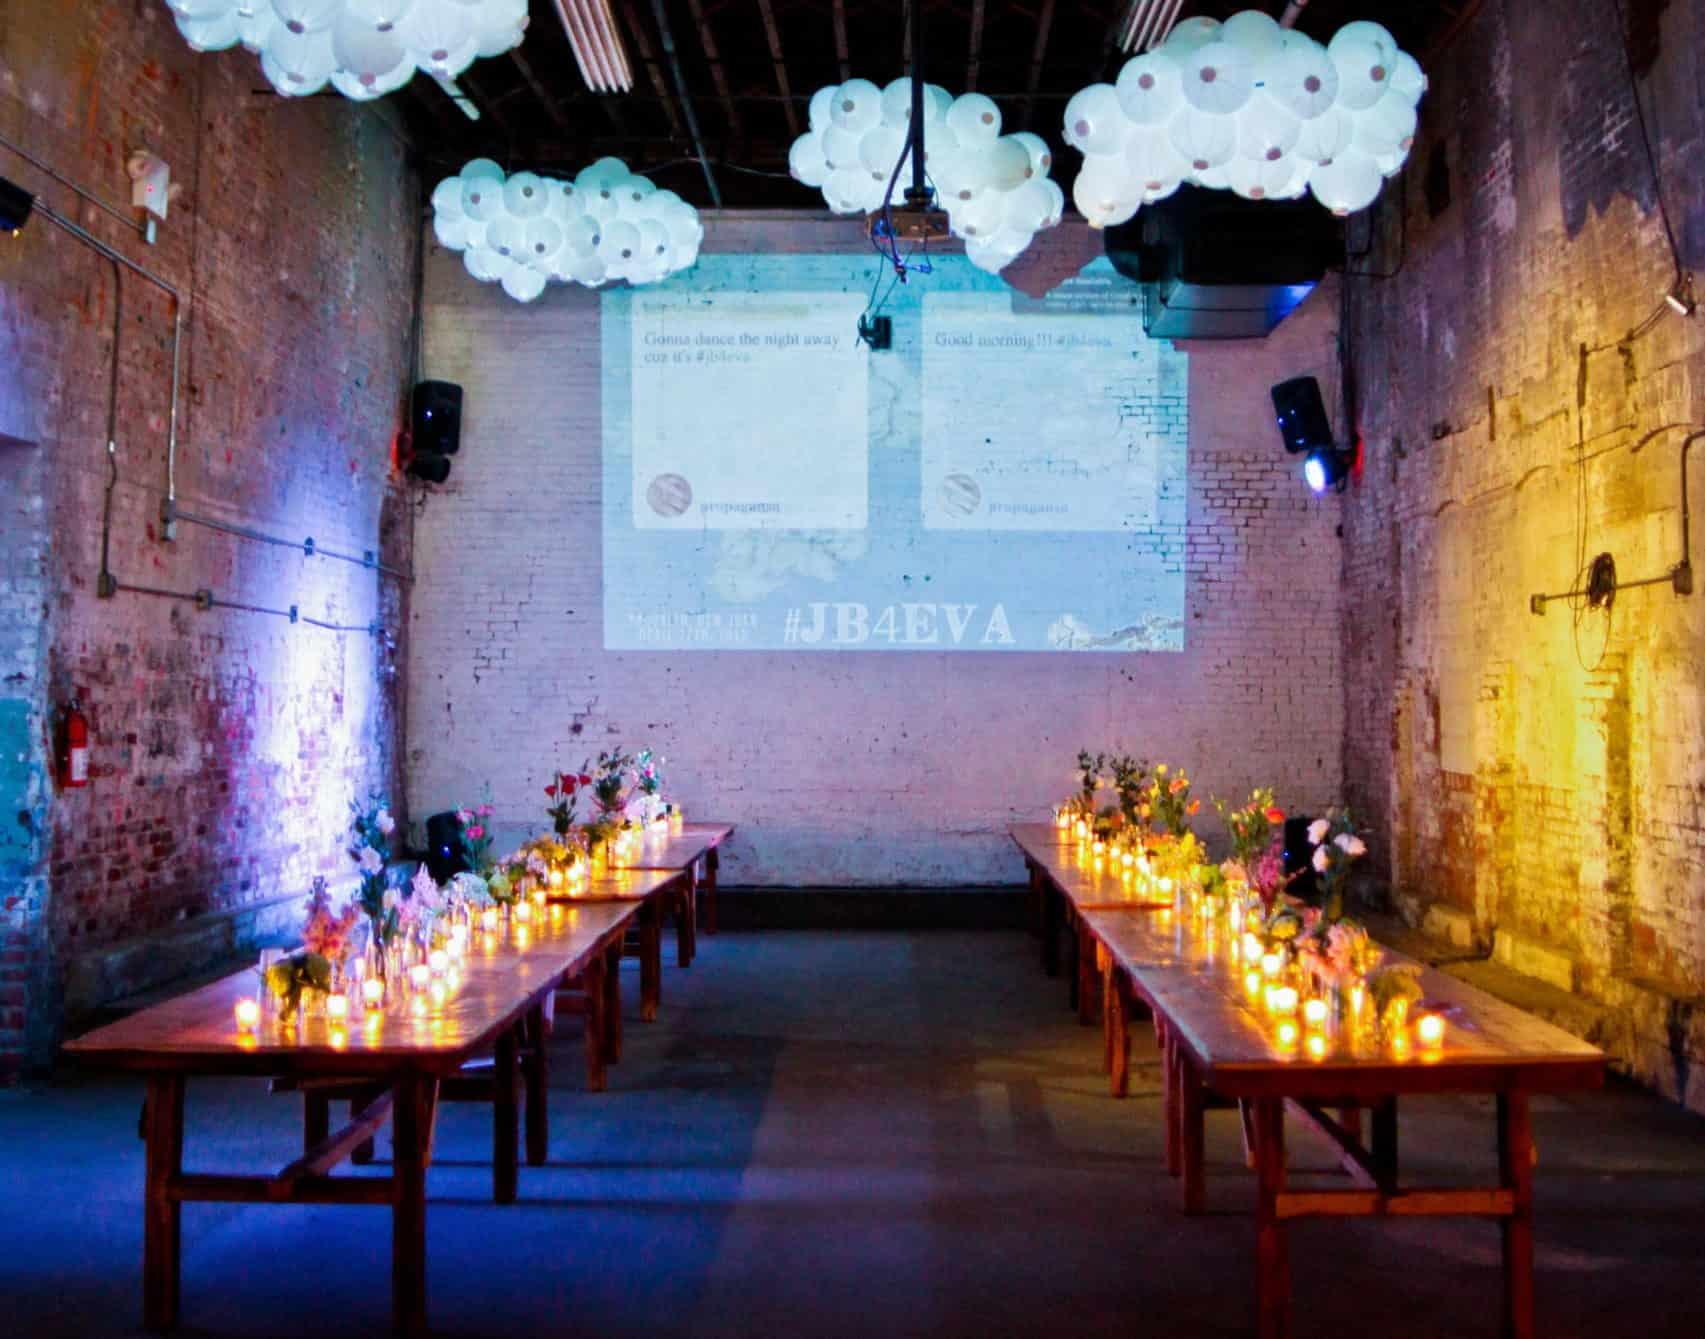 διακόσμηση χώρου με κεριά και λουλουδία